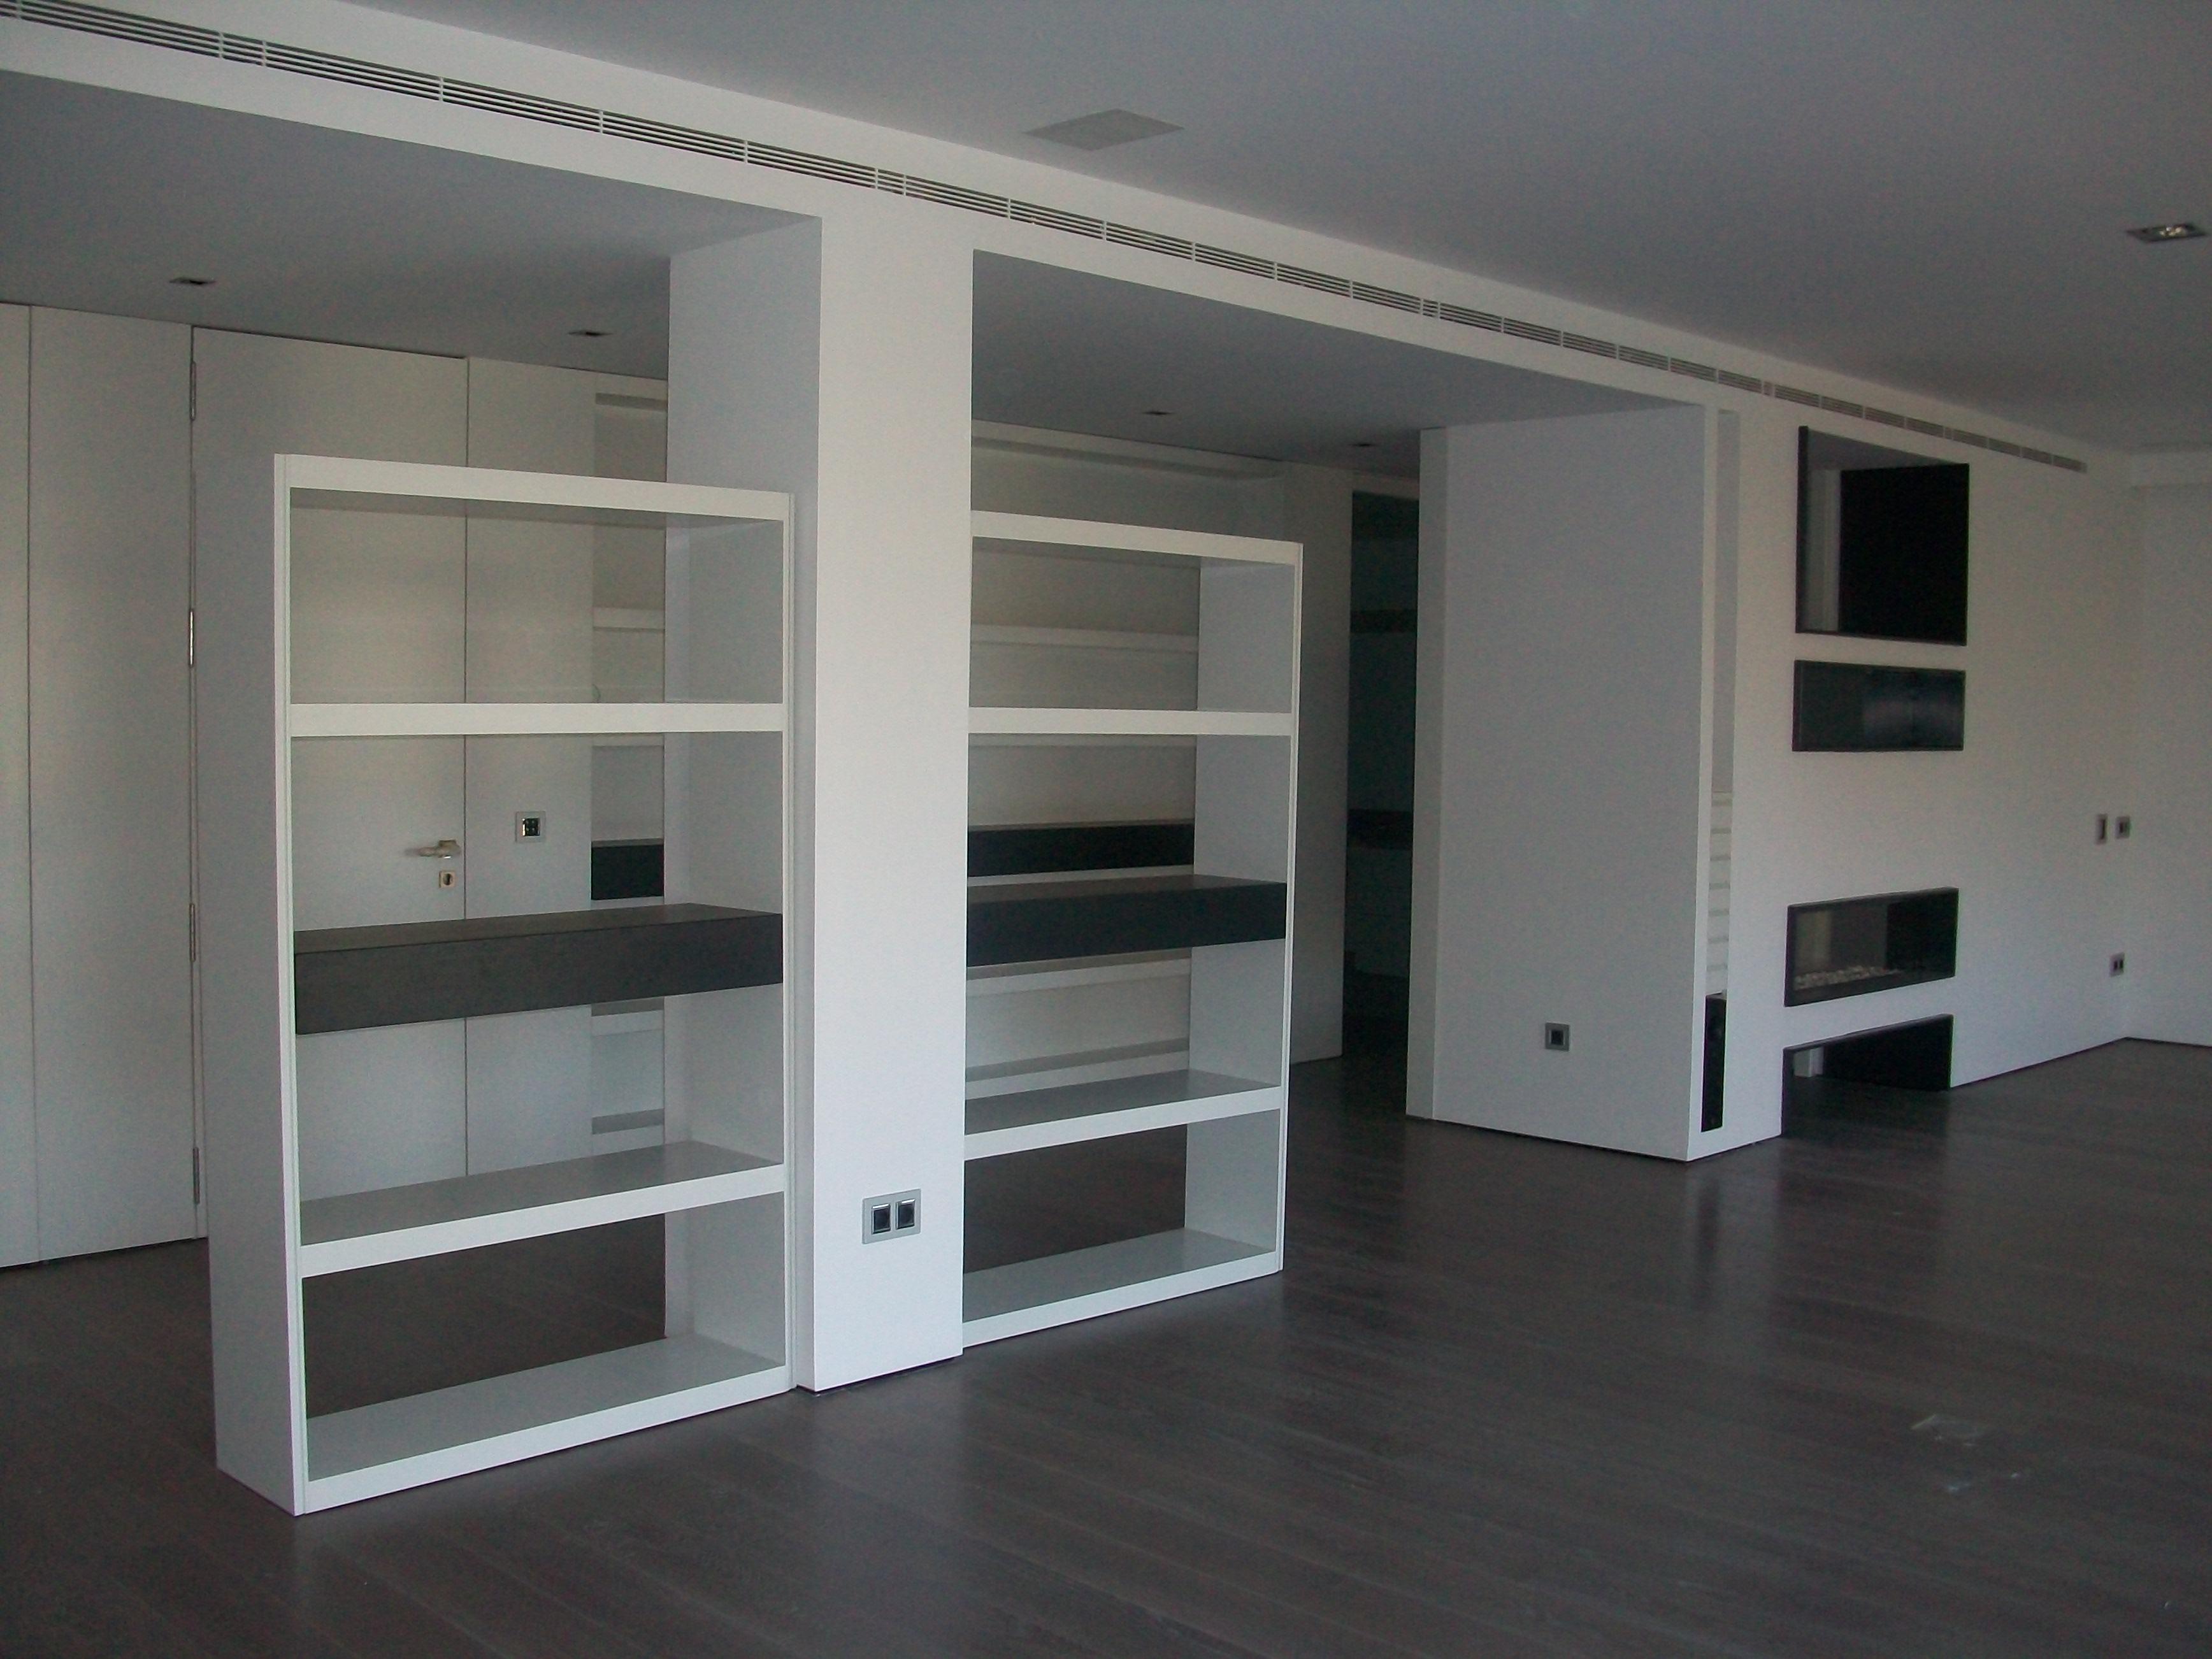 Muebles castellon obtenga ideas dise o de muebles para for Muebles oficina castellon